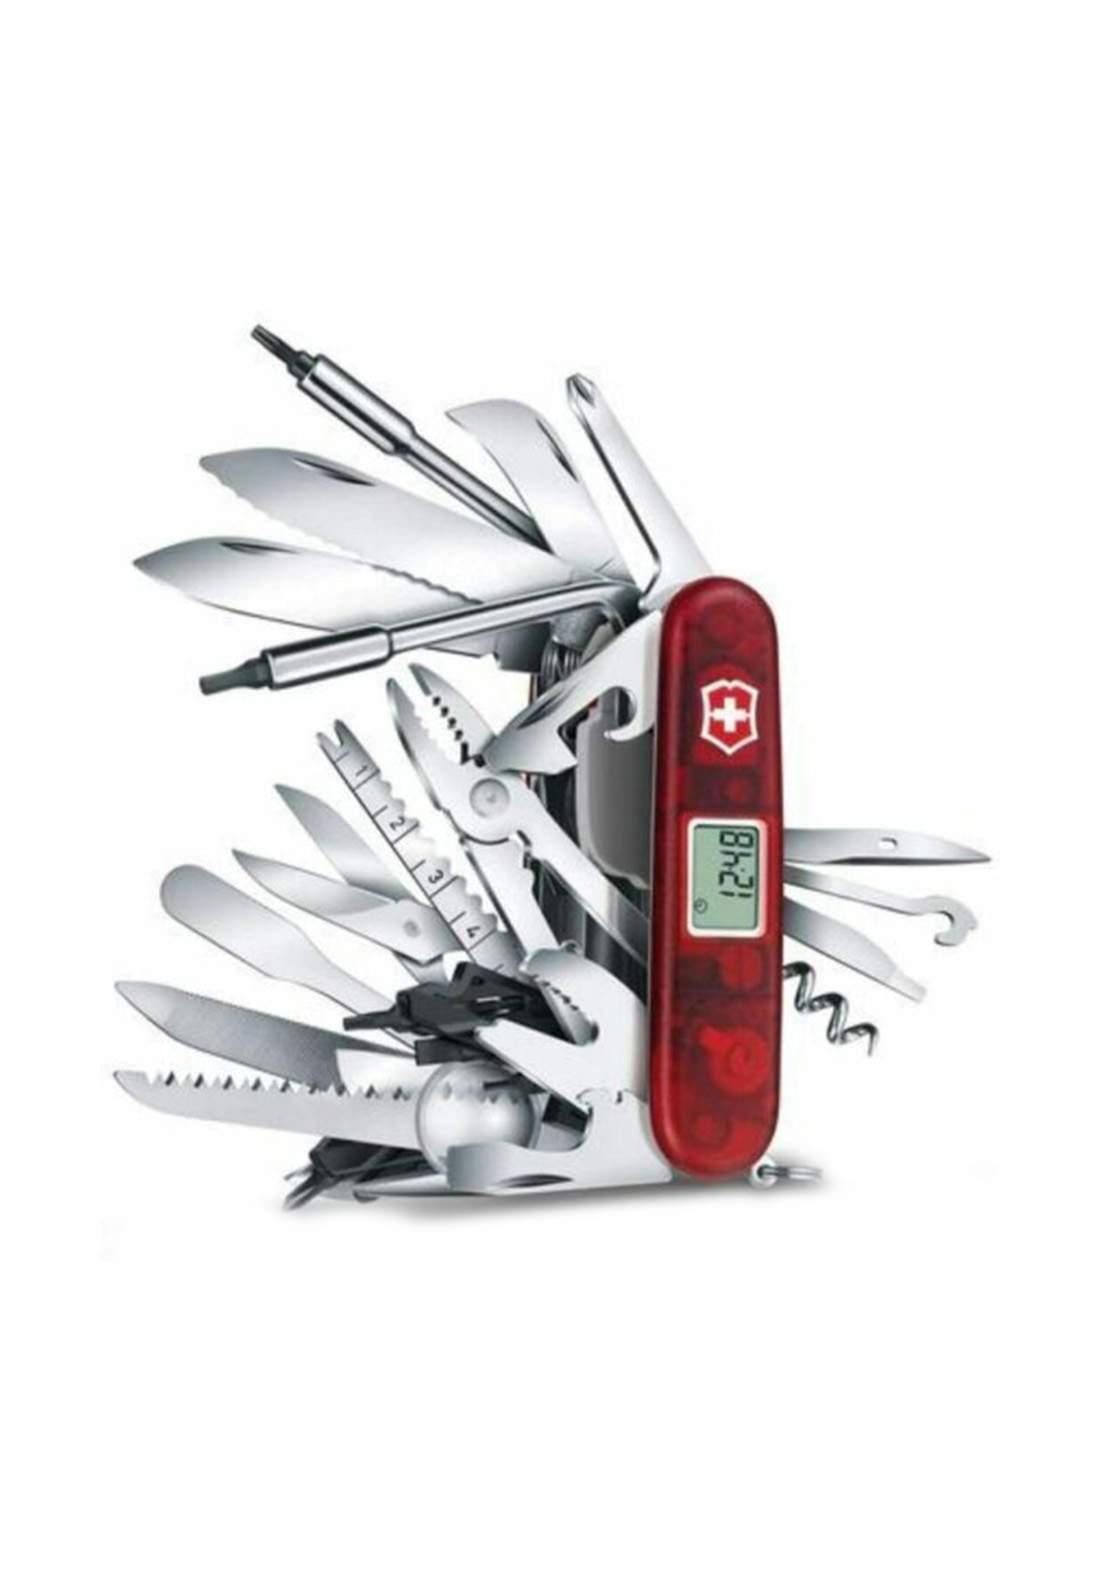 Victorinox 1.6795.XAVT Pocket Knife سكين جيب بلون احمر